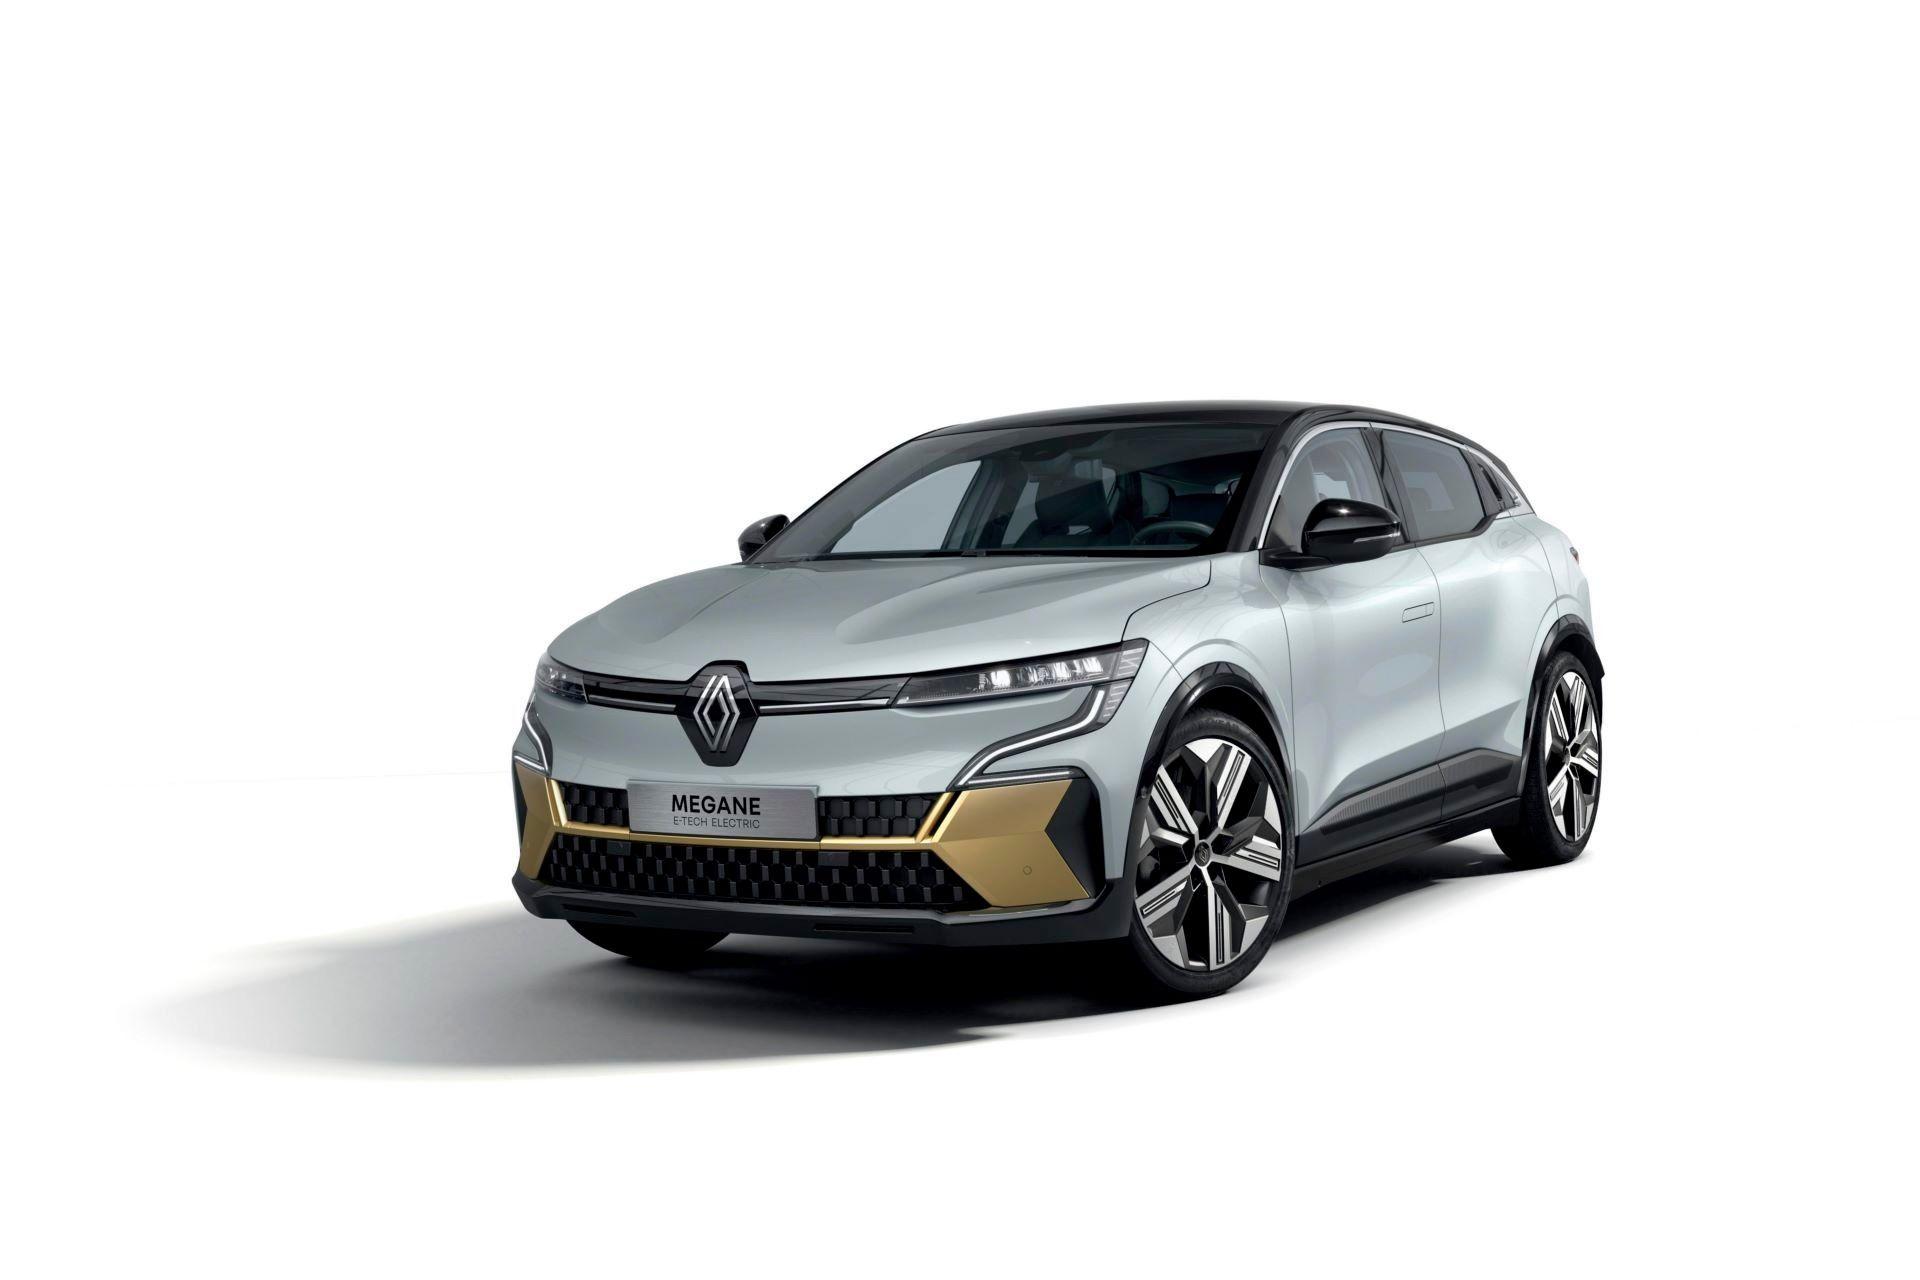 Renault-Megane-E-Tech-Electric-4